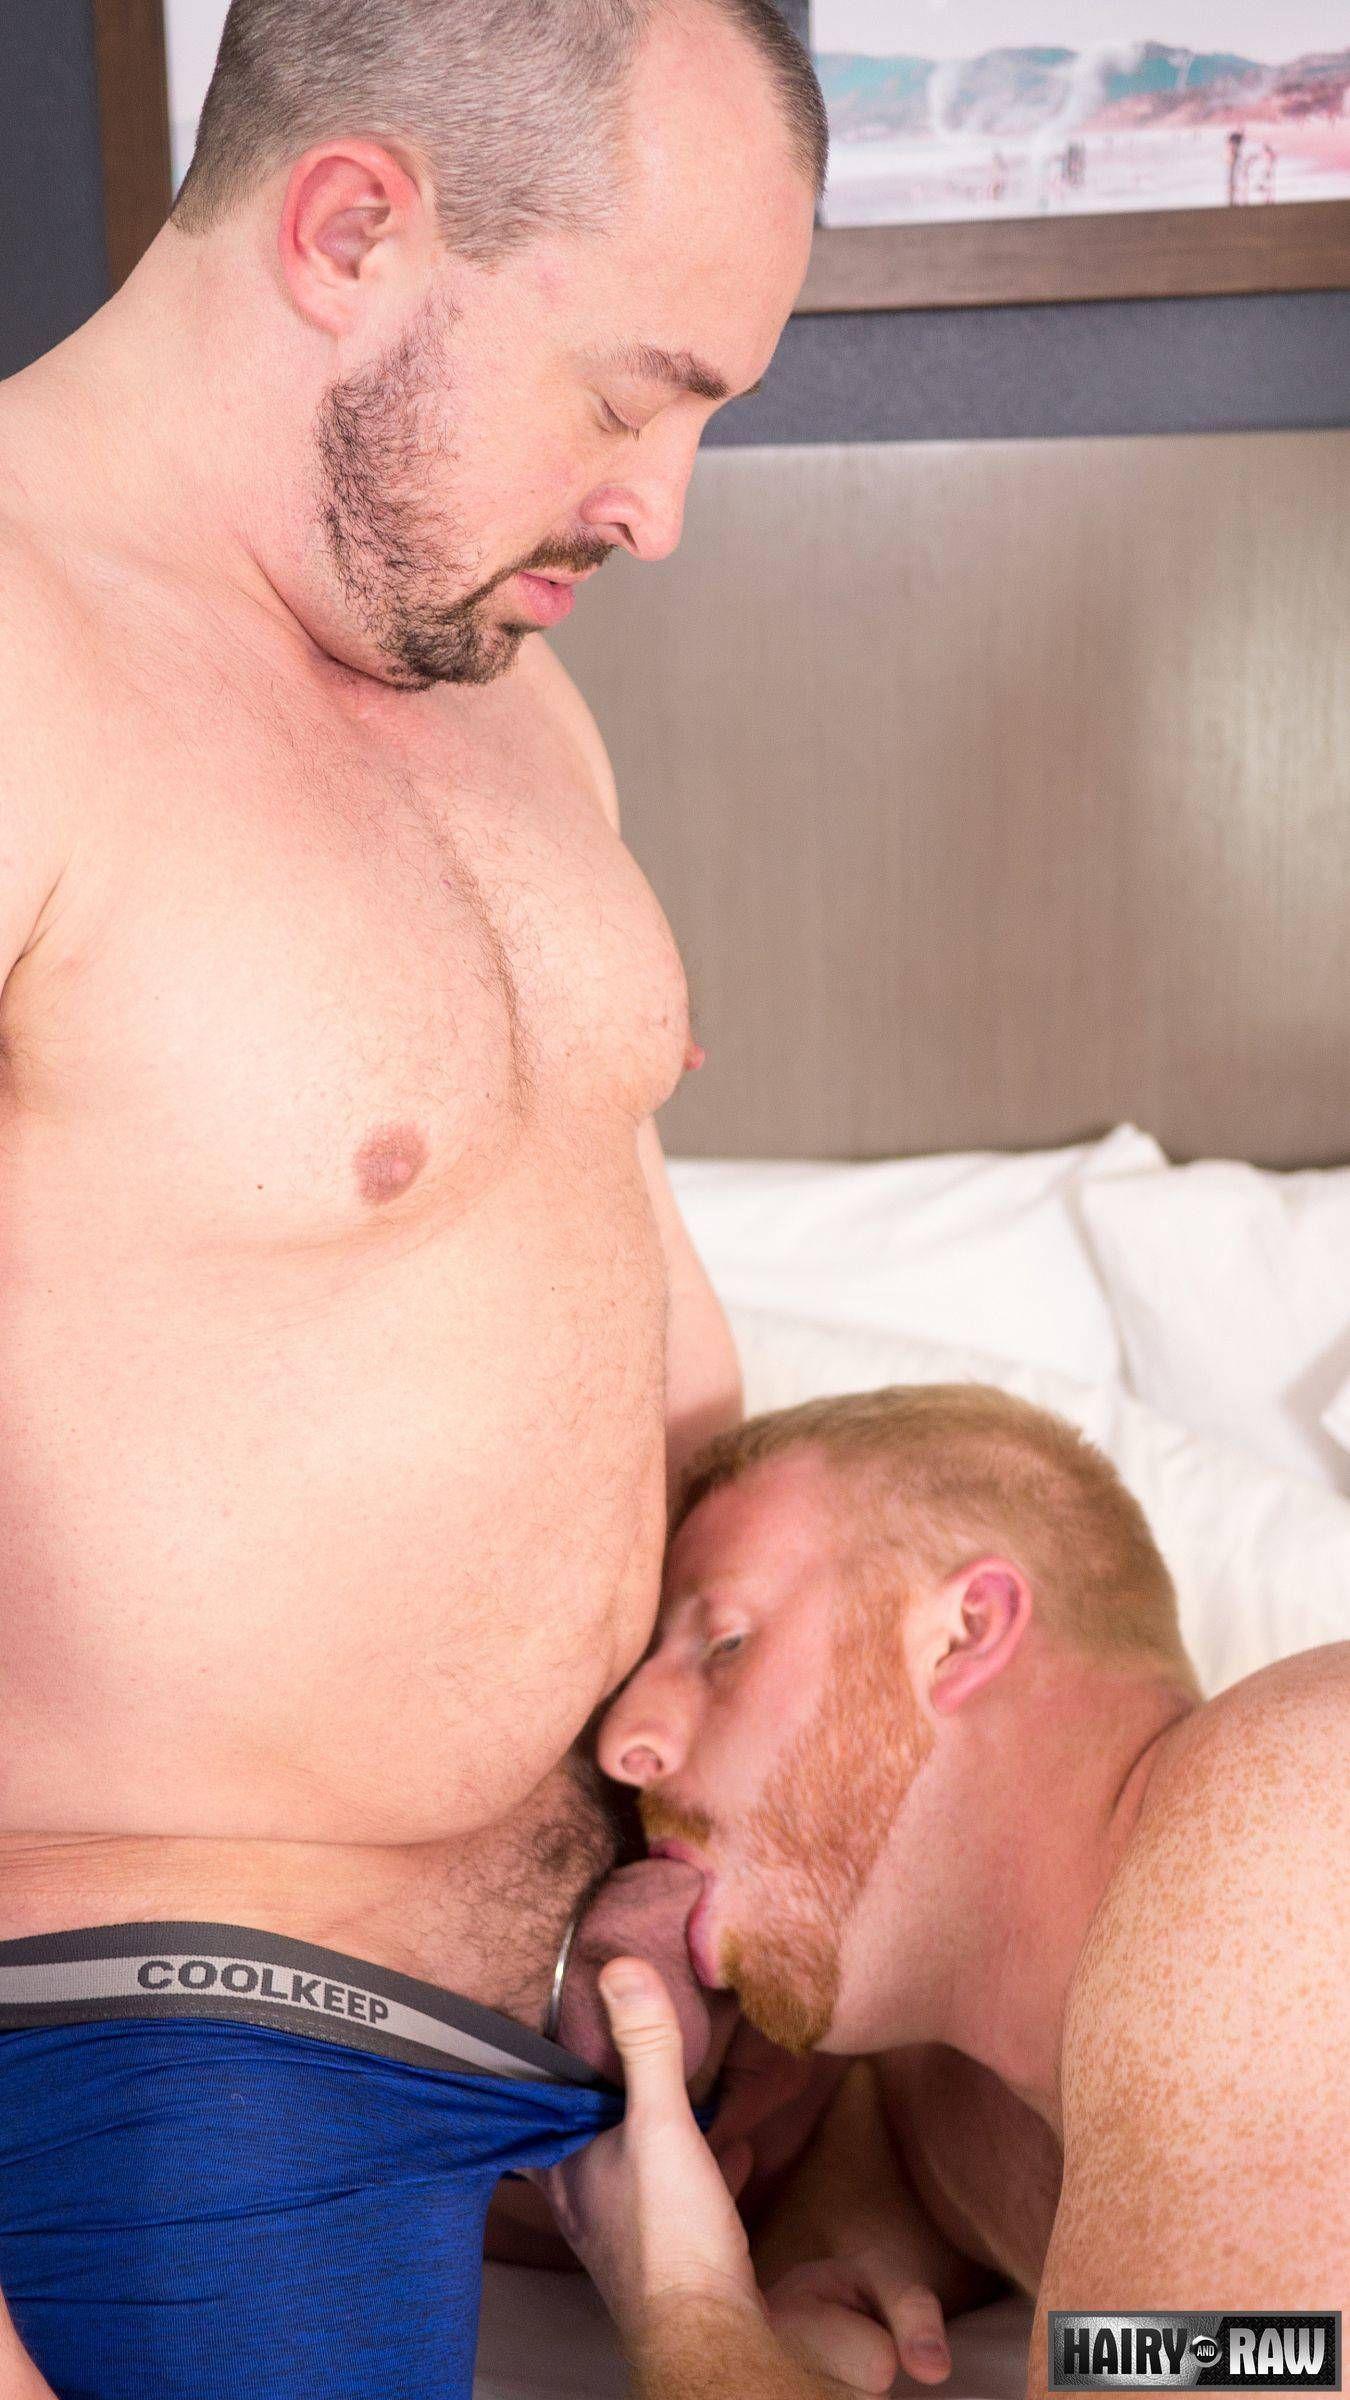 chubby gay video